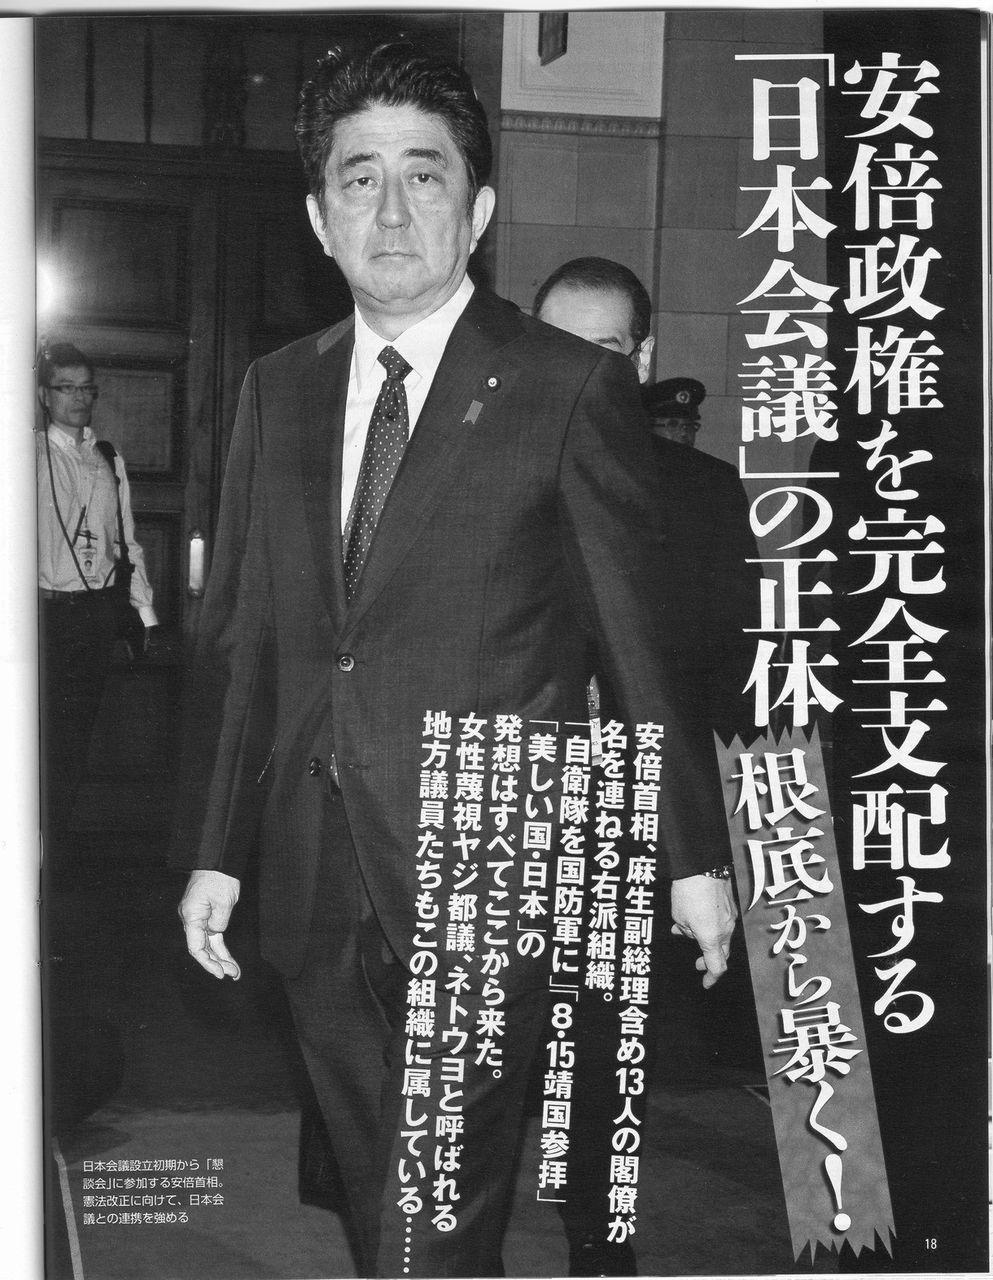 安倍支配日本会議